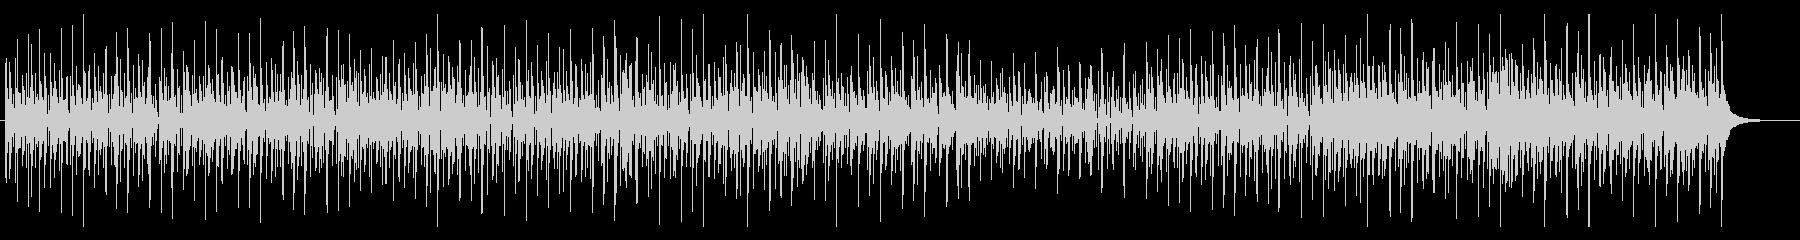 ジングルベル 和テイスト カラオケの未再生の波形